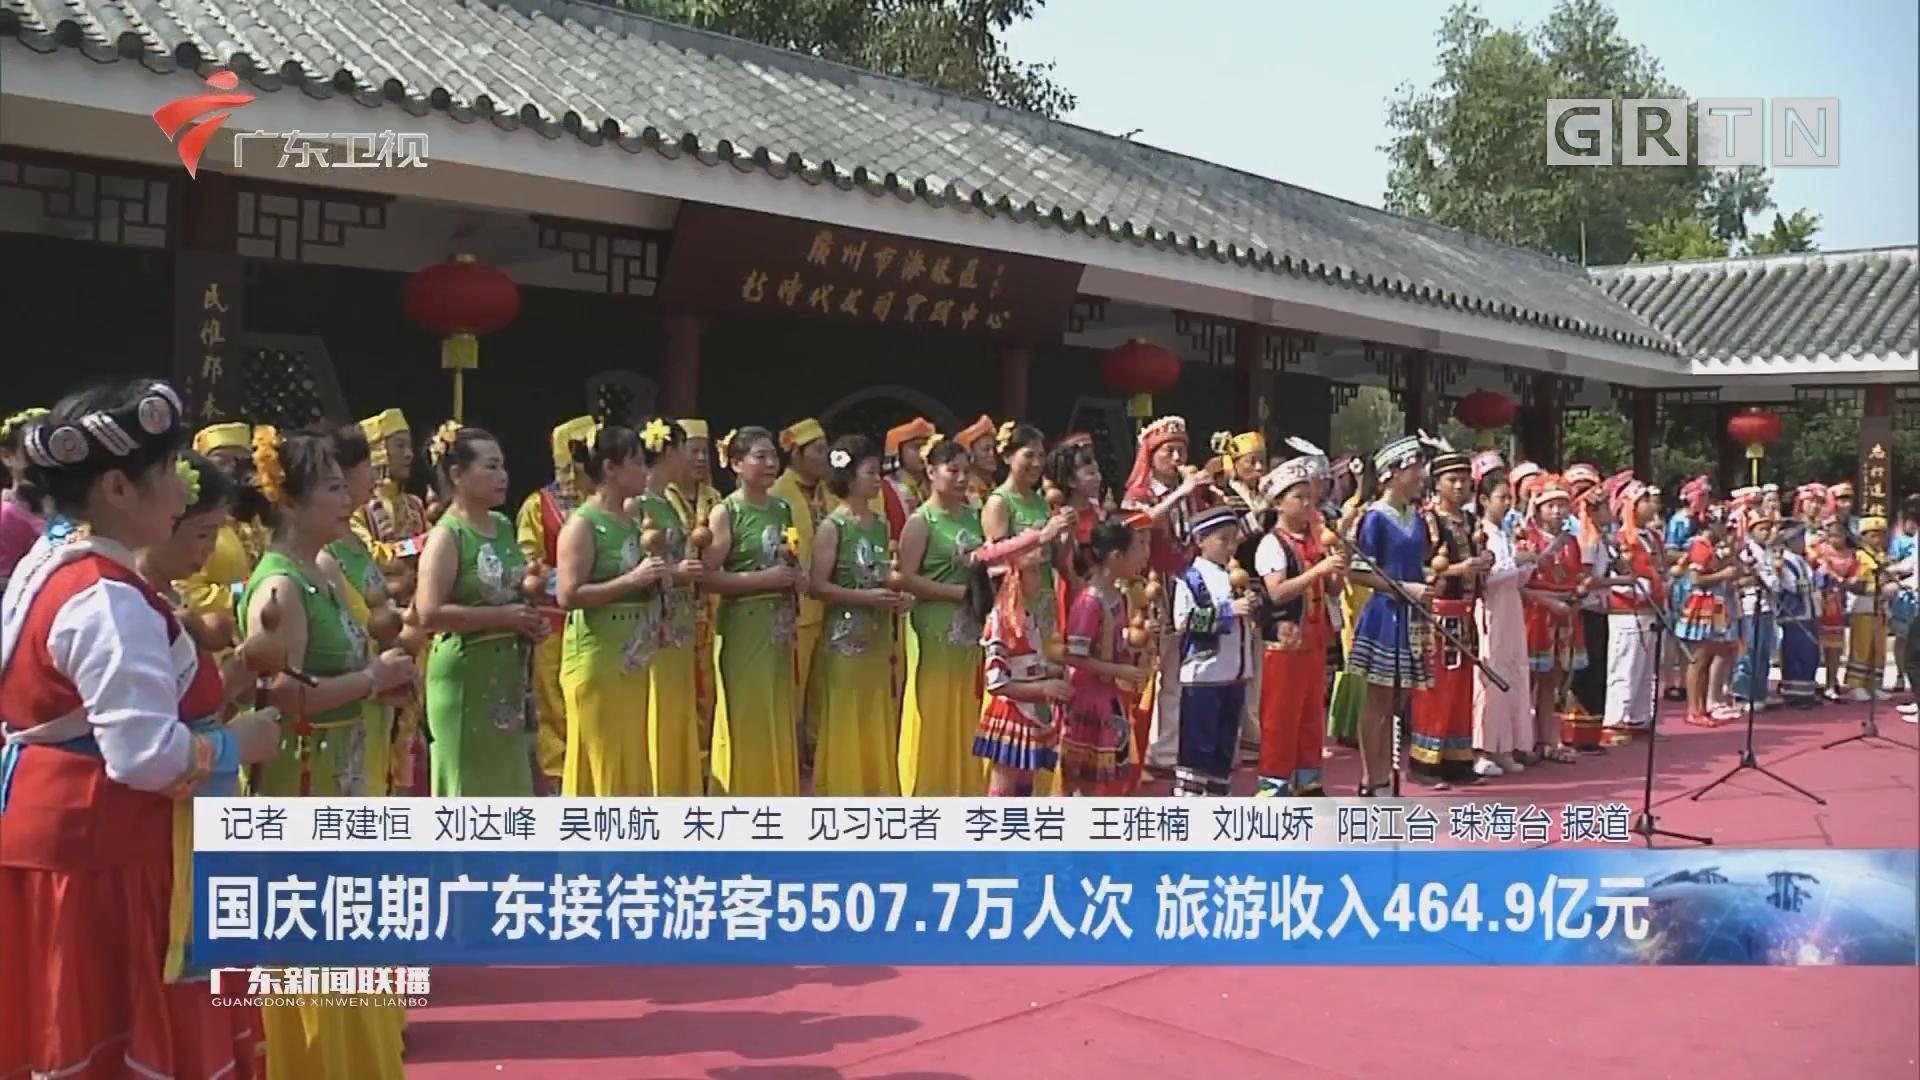 国庆假期广东接待游客5507.7万人次 旅游收入464.9亿元